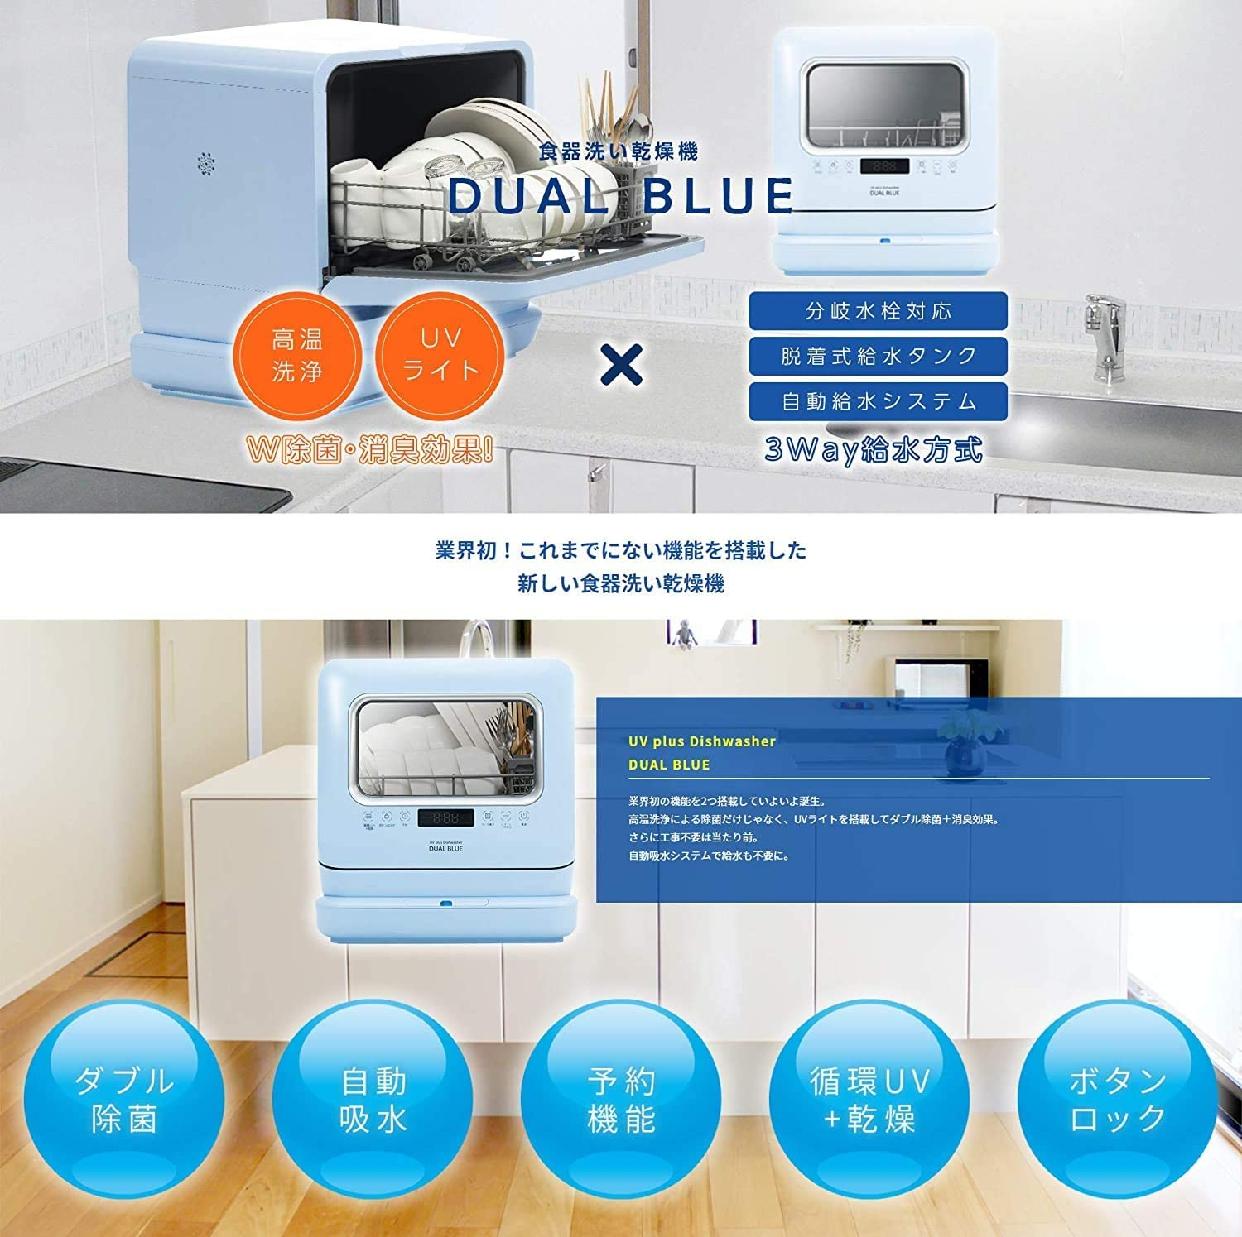 MYC(エムワイシー) 食器洗い乾燥機(DUAL BLUE)の商品画像2